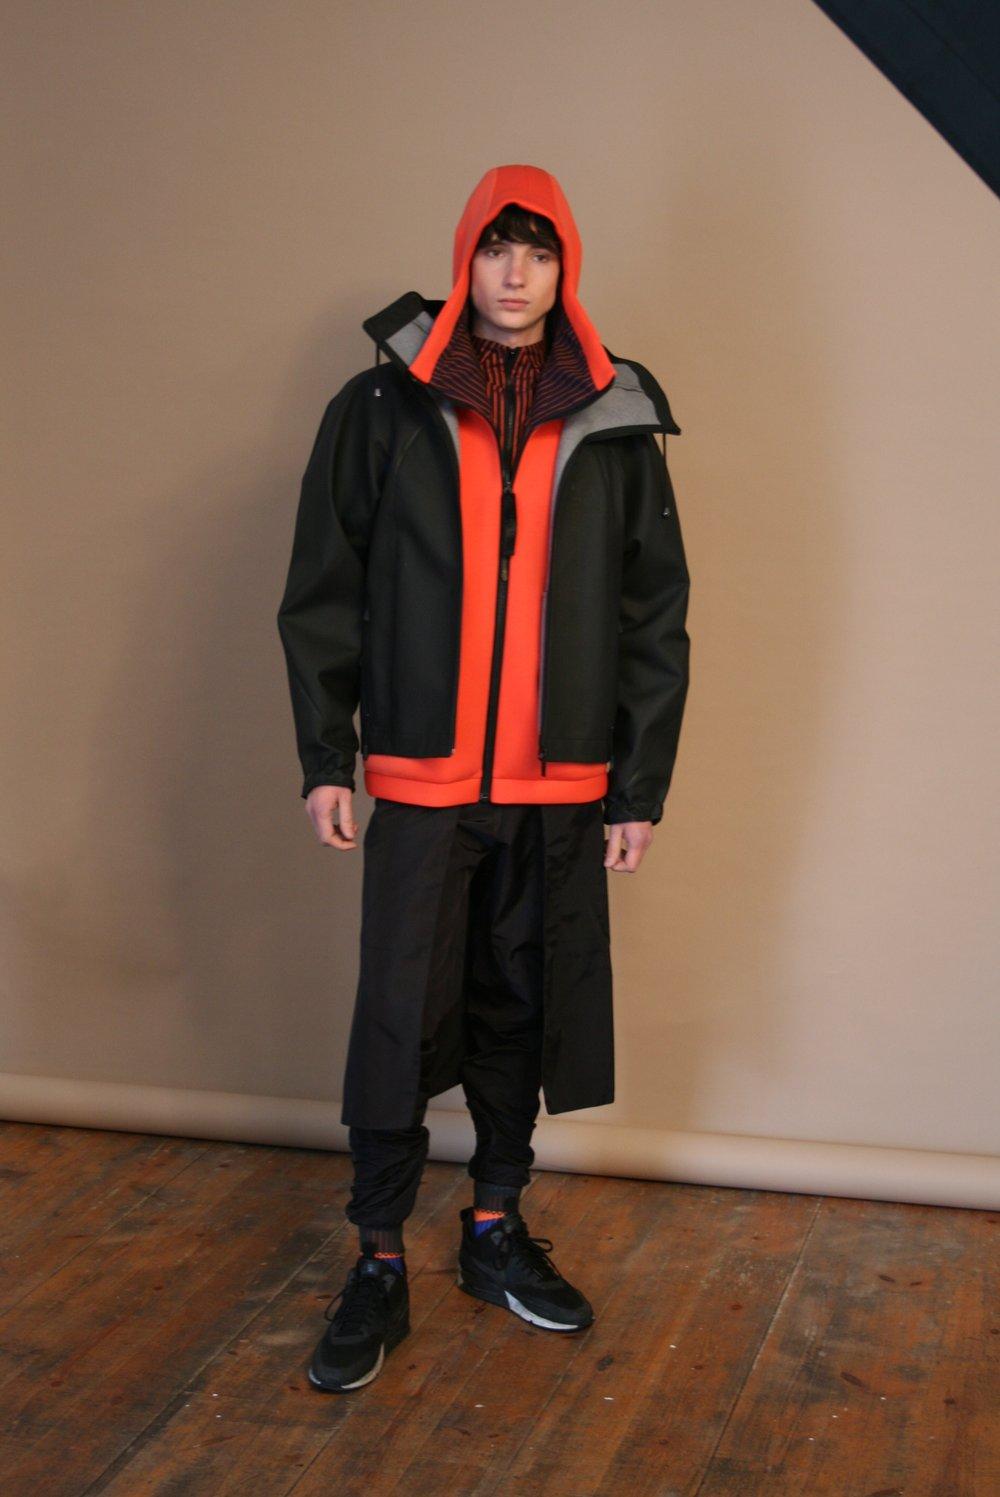 Model wearing jacket